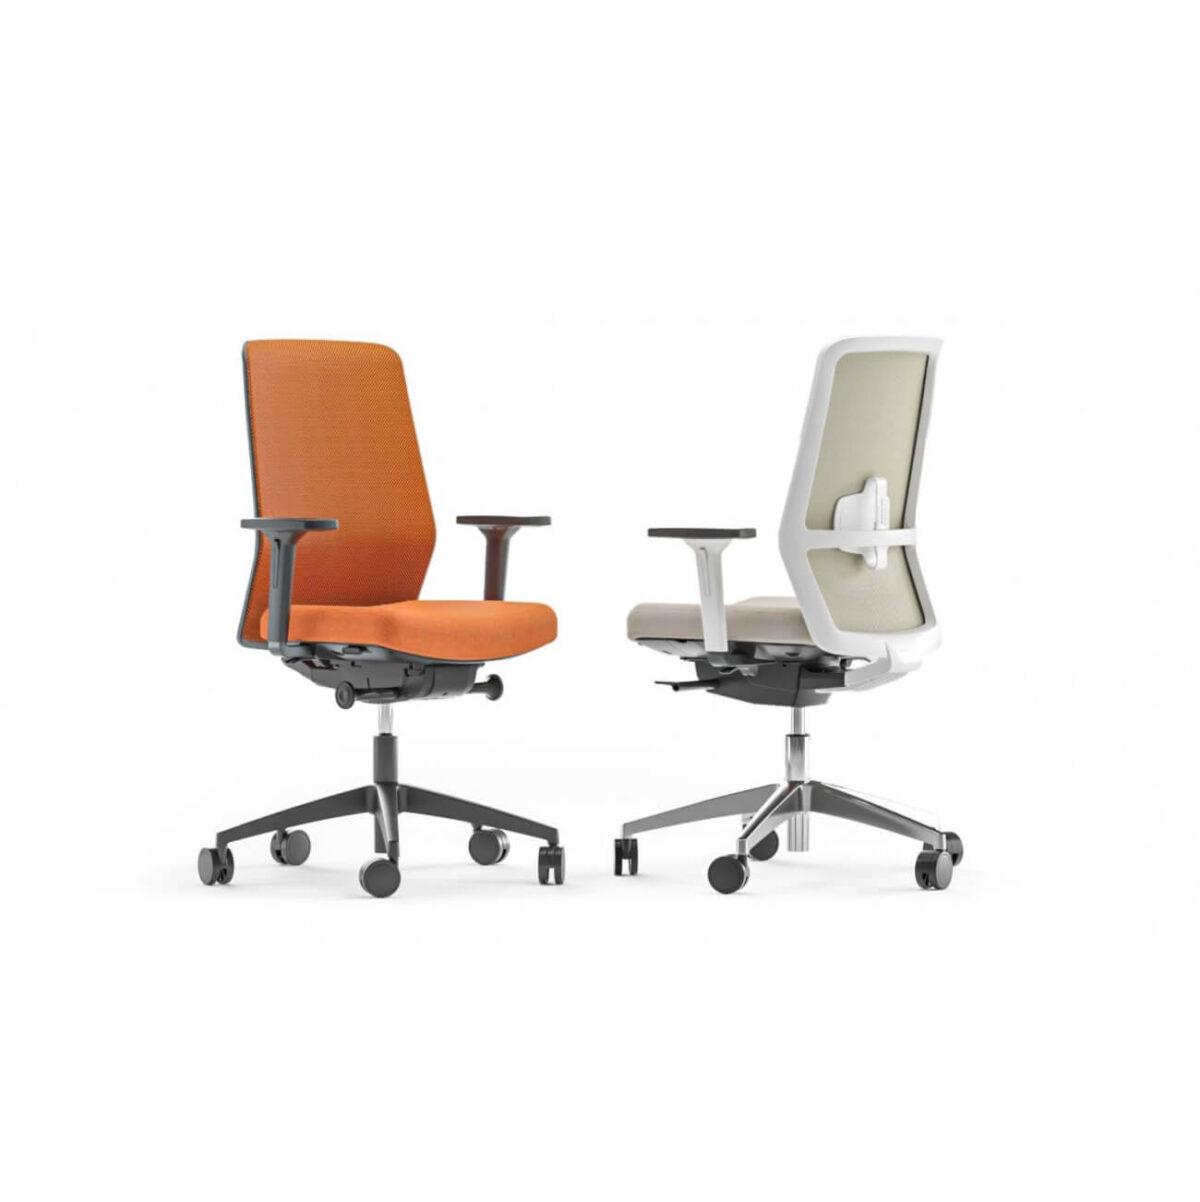 scaune birou mesh